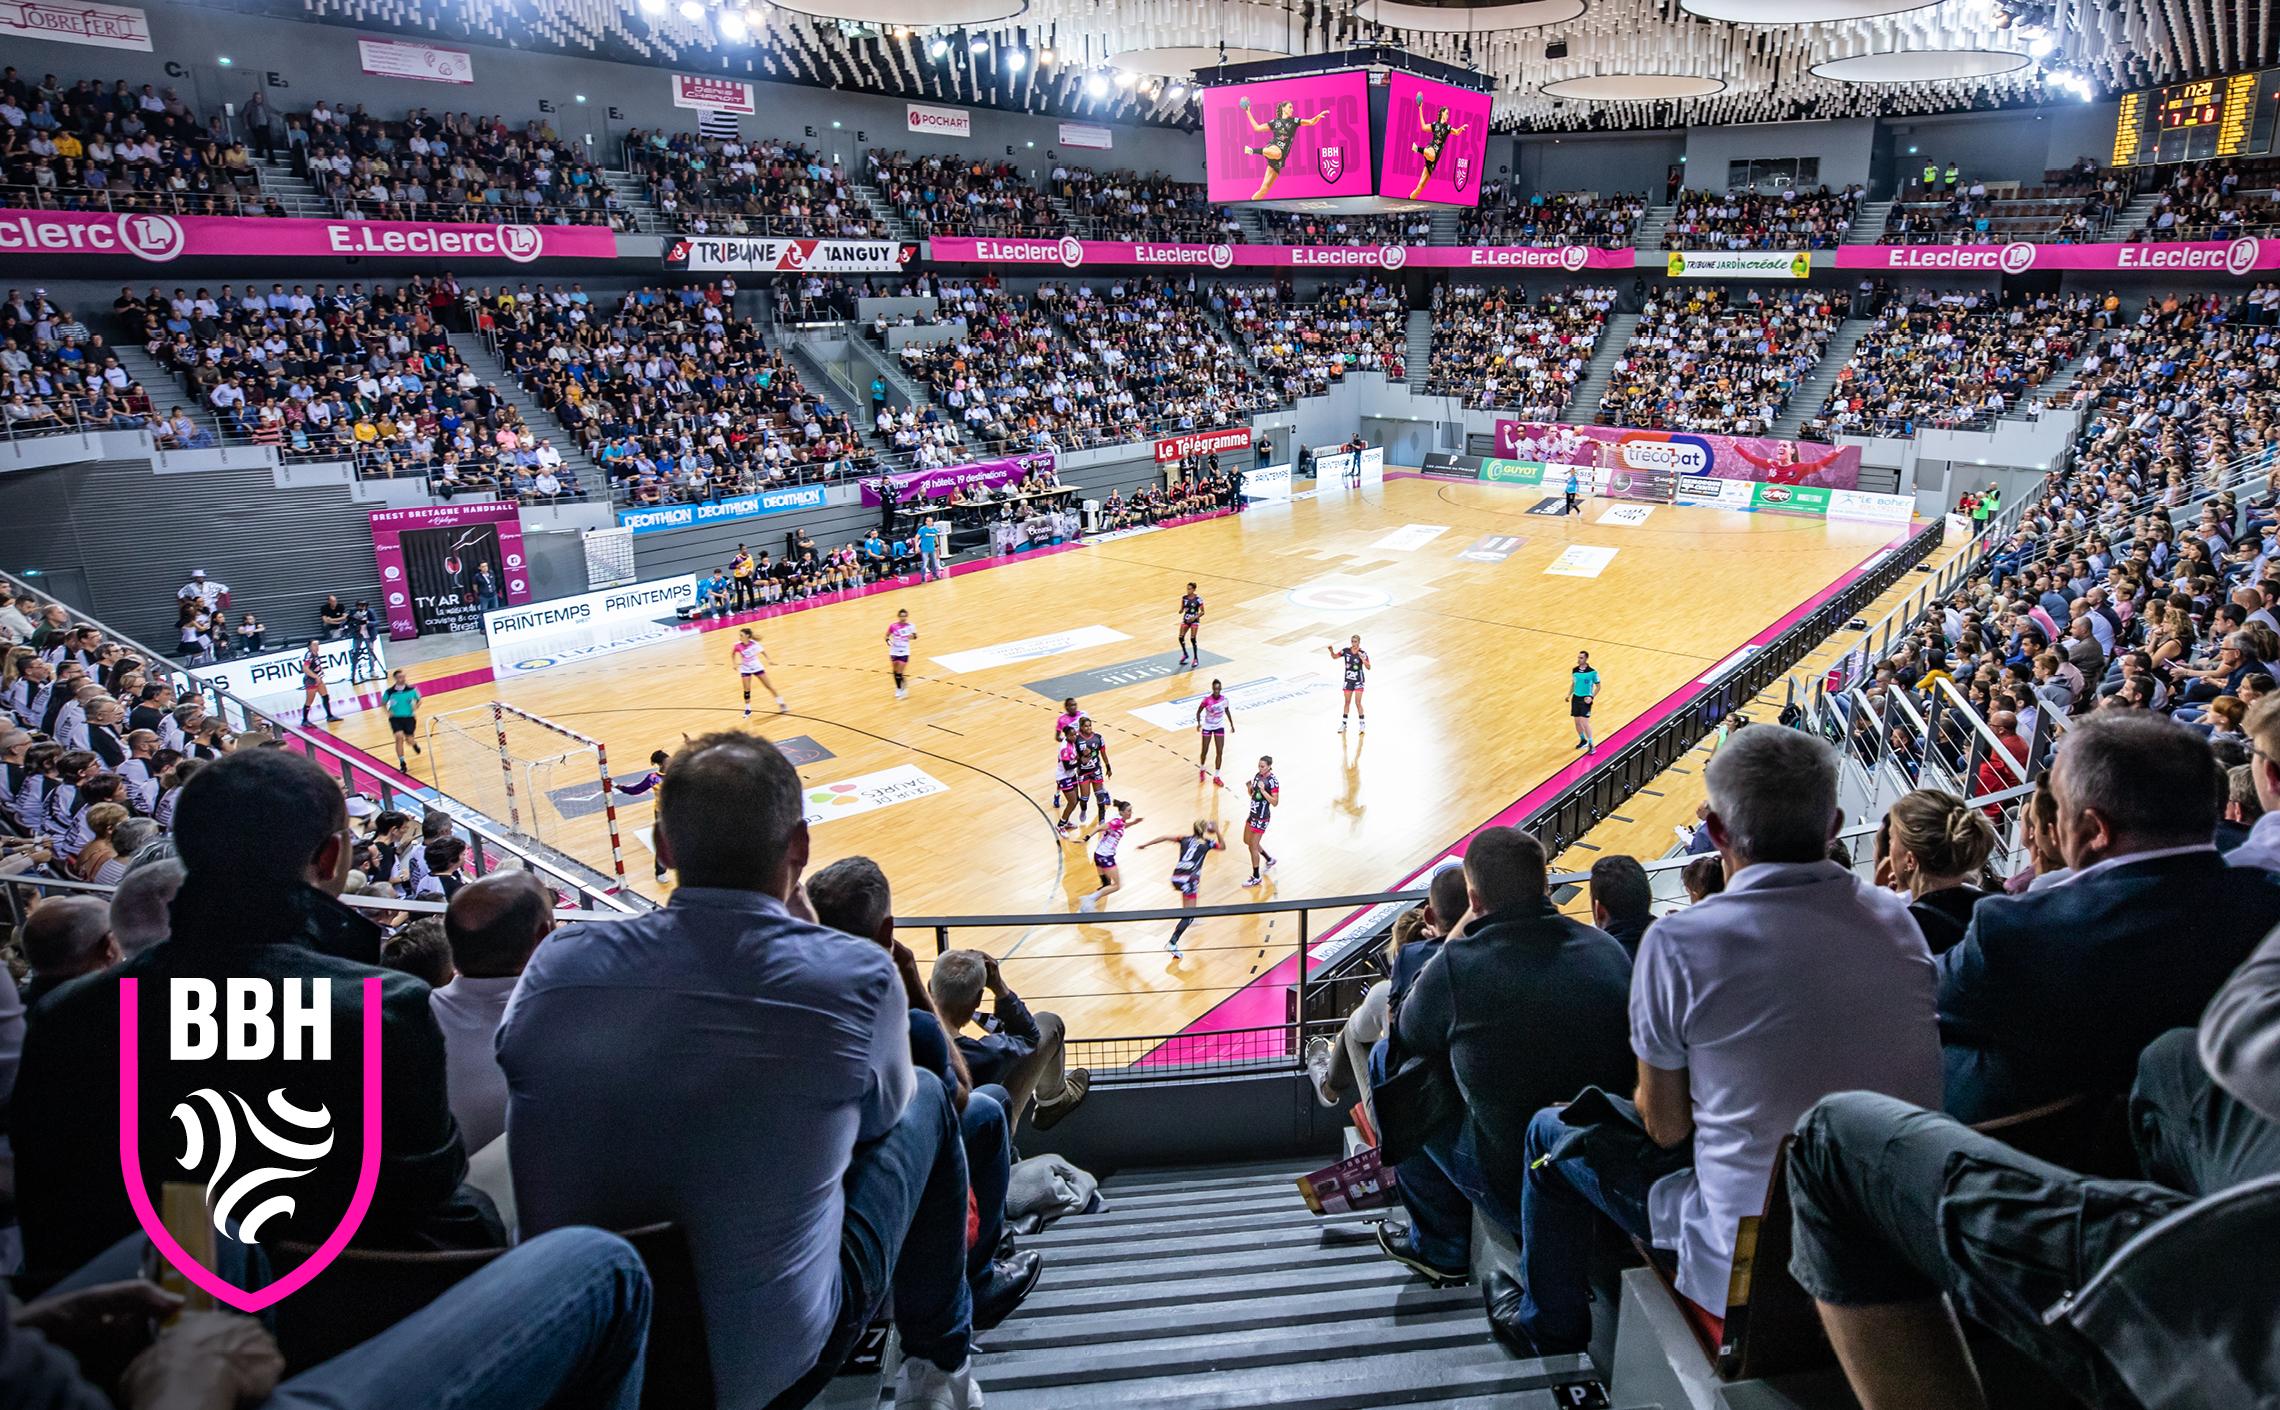 stade brest arena handball branding communication club sport